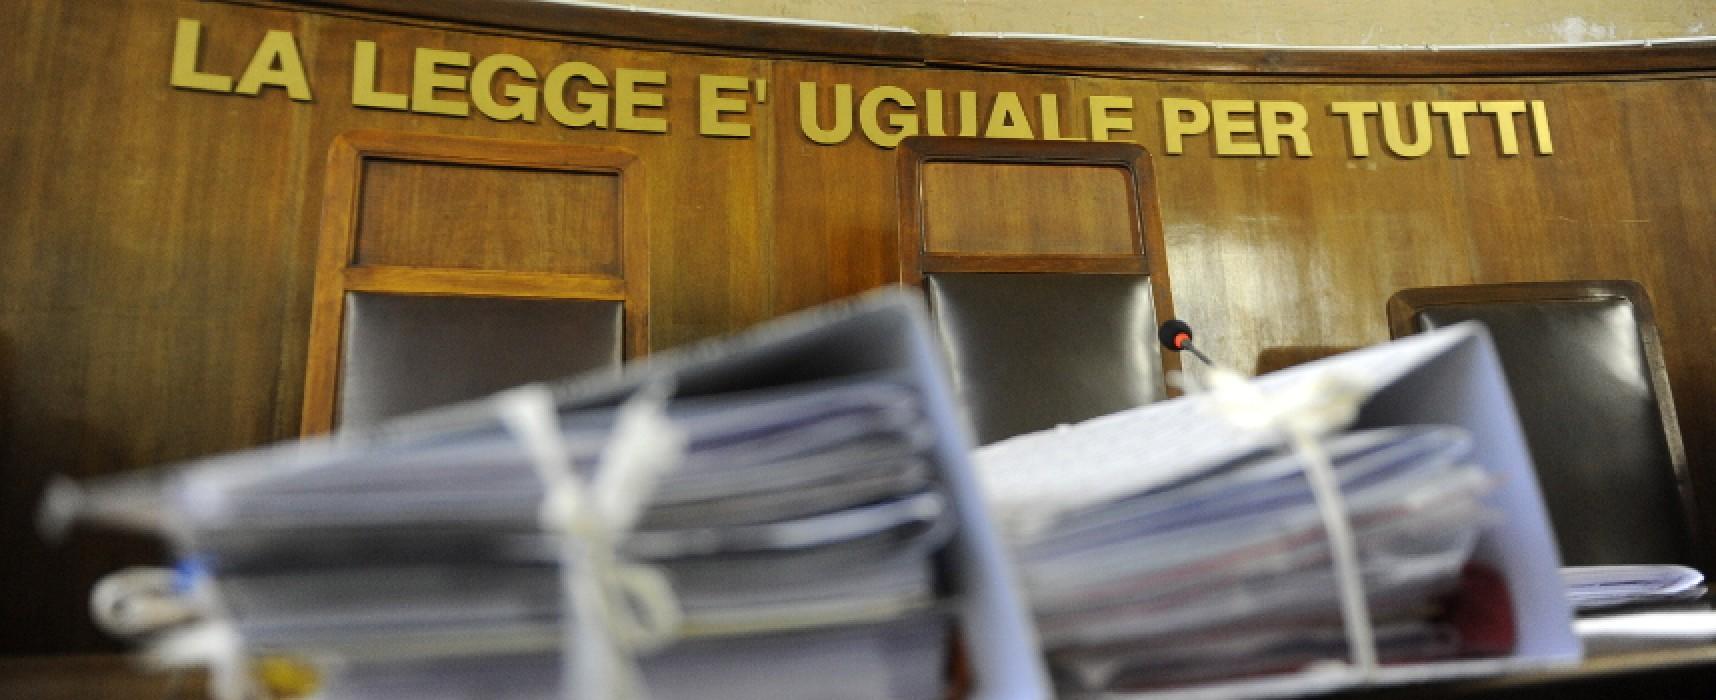 Il Ministero della Giustizia cerca 1502 cancellieri per i tribunali italiani / COME CANDIDARSI